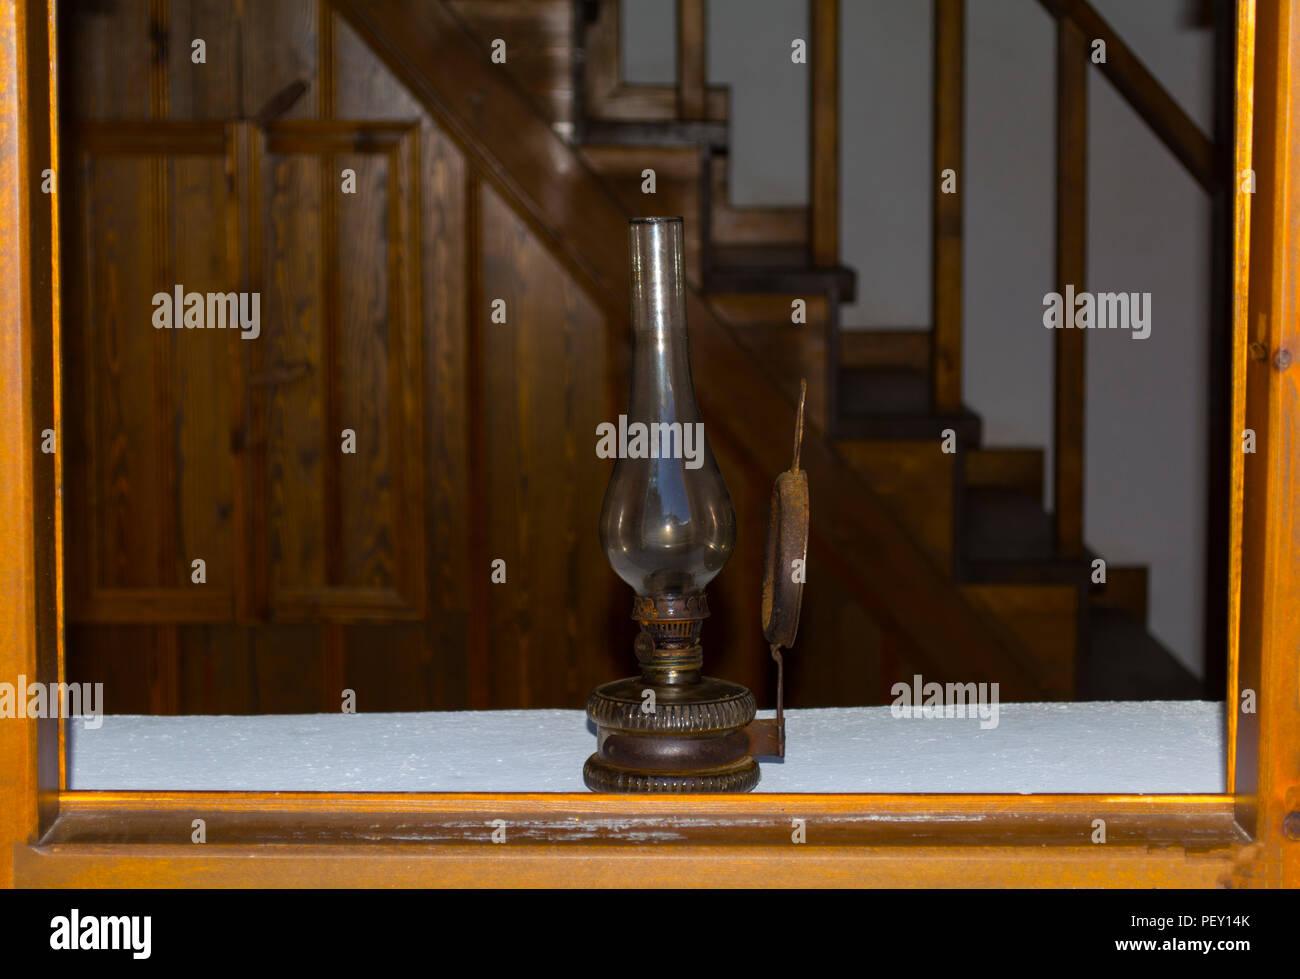 Gas En Licht : Retro gas lampe licht in holz auf holz alte treppen hintergrund